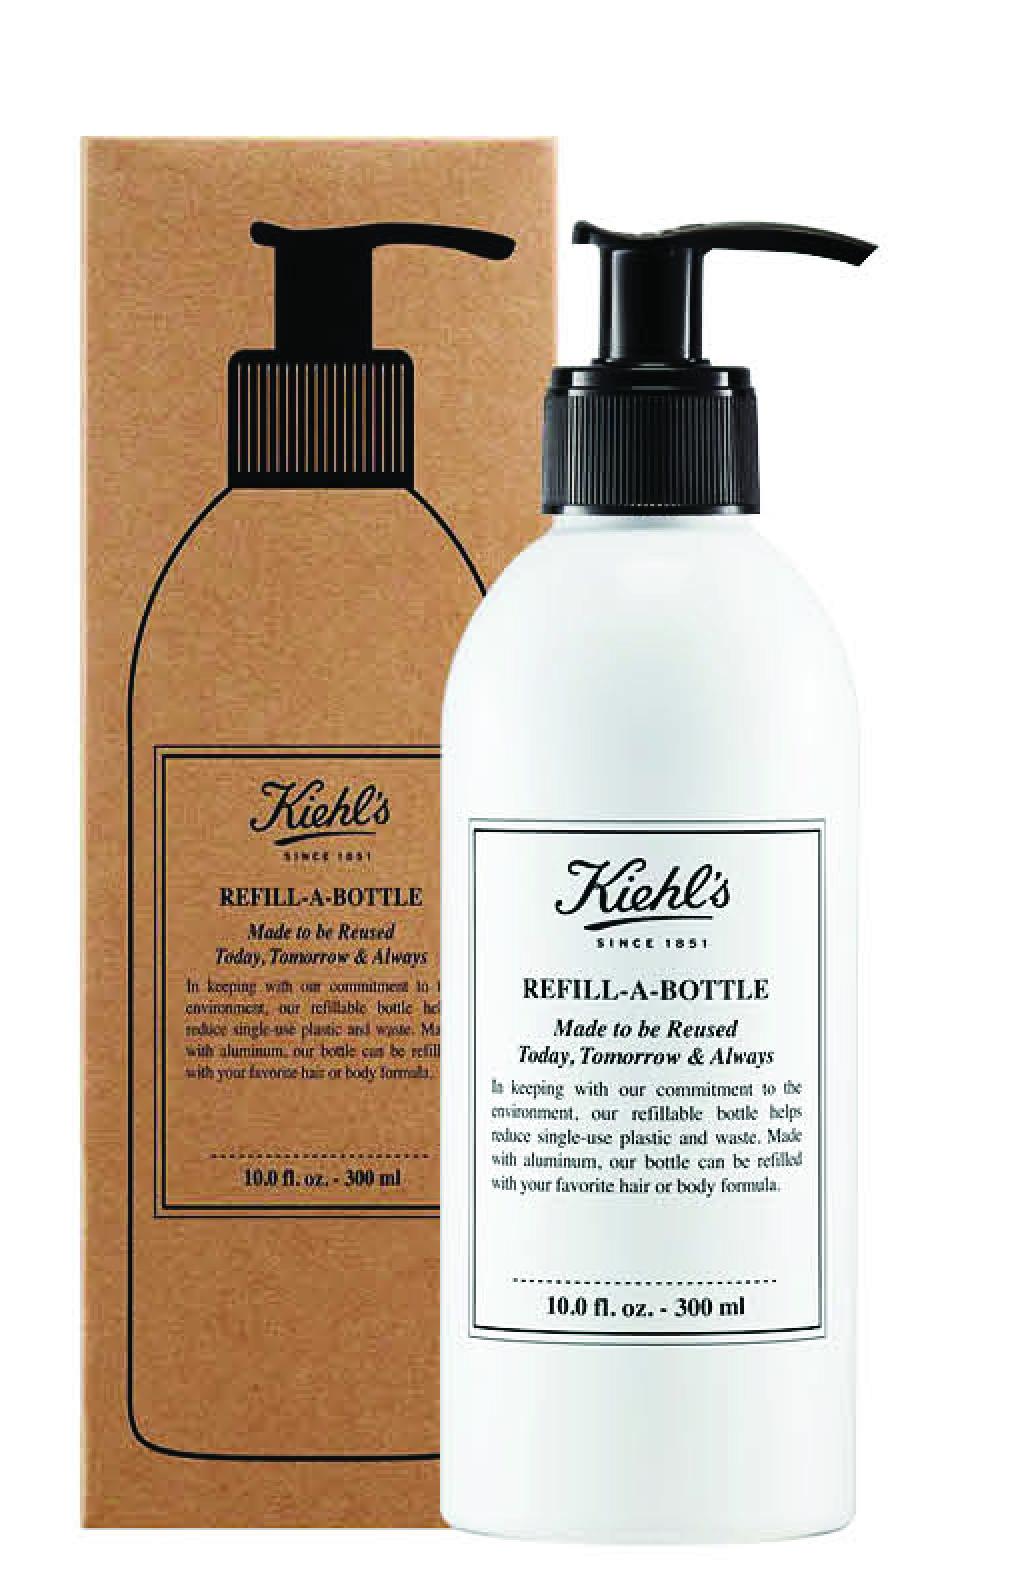 Kiehl's契爾氏首推大容量補充包X 100%鋁製補充瓶,讓我們愛美麗,也要一起愛地球